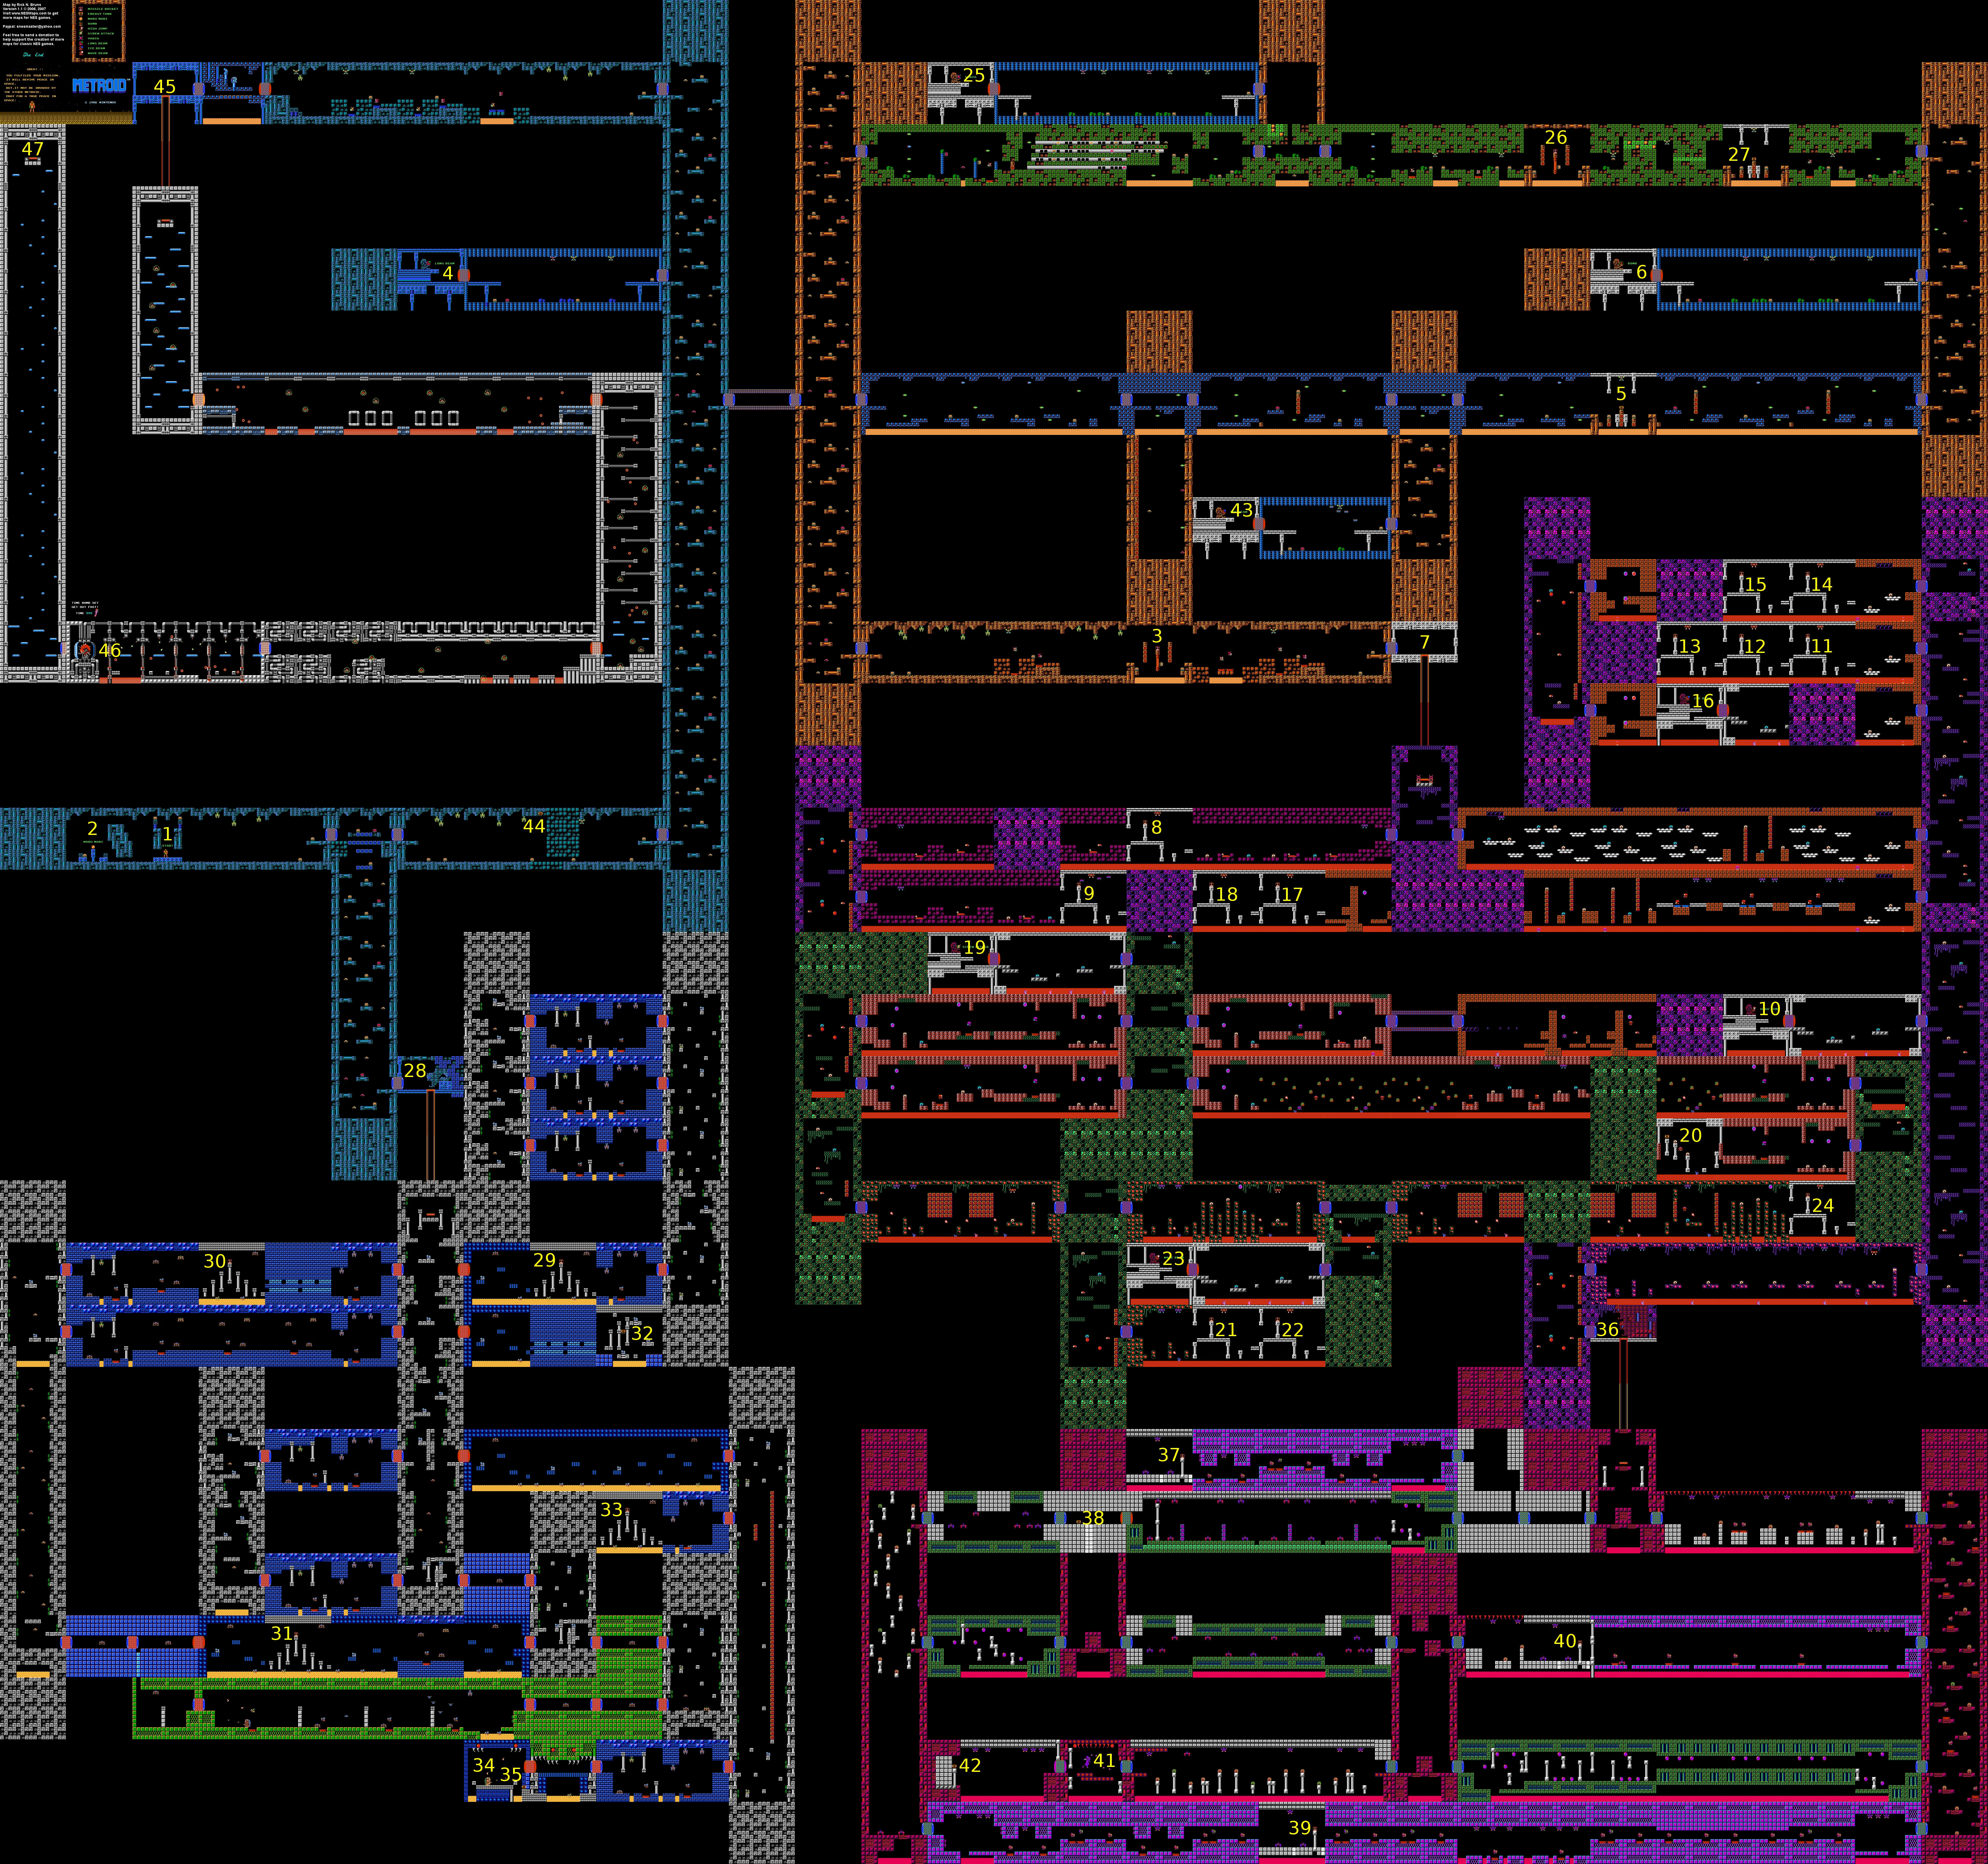 Die Karte von Metroid